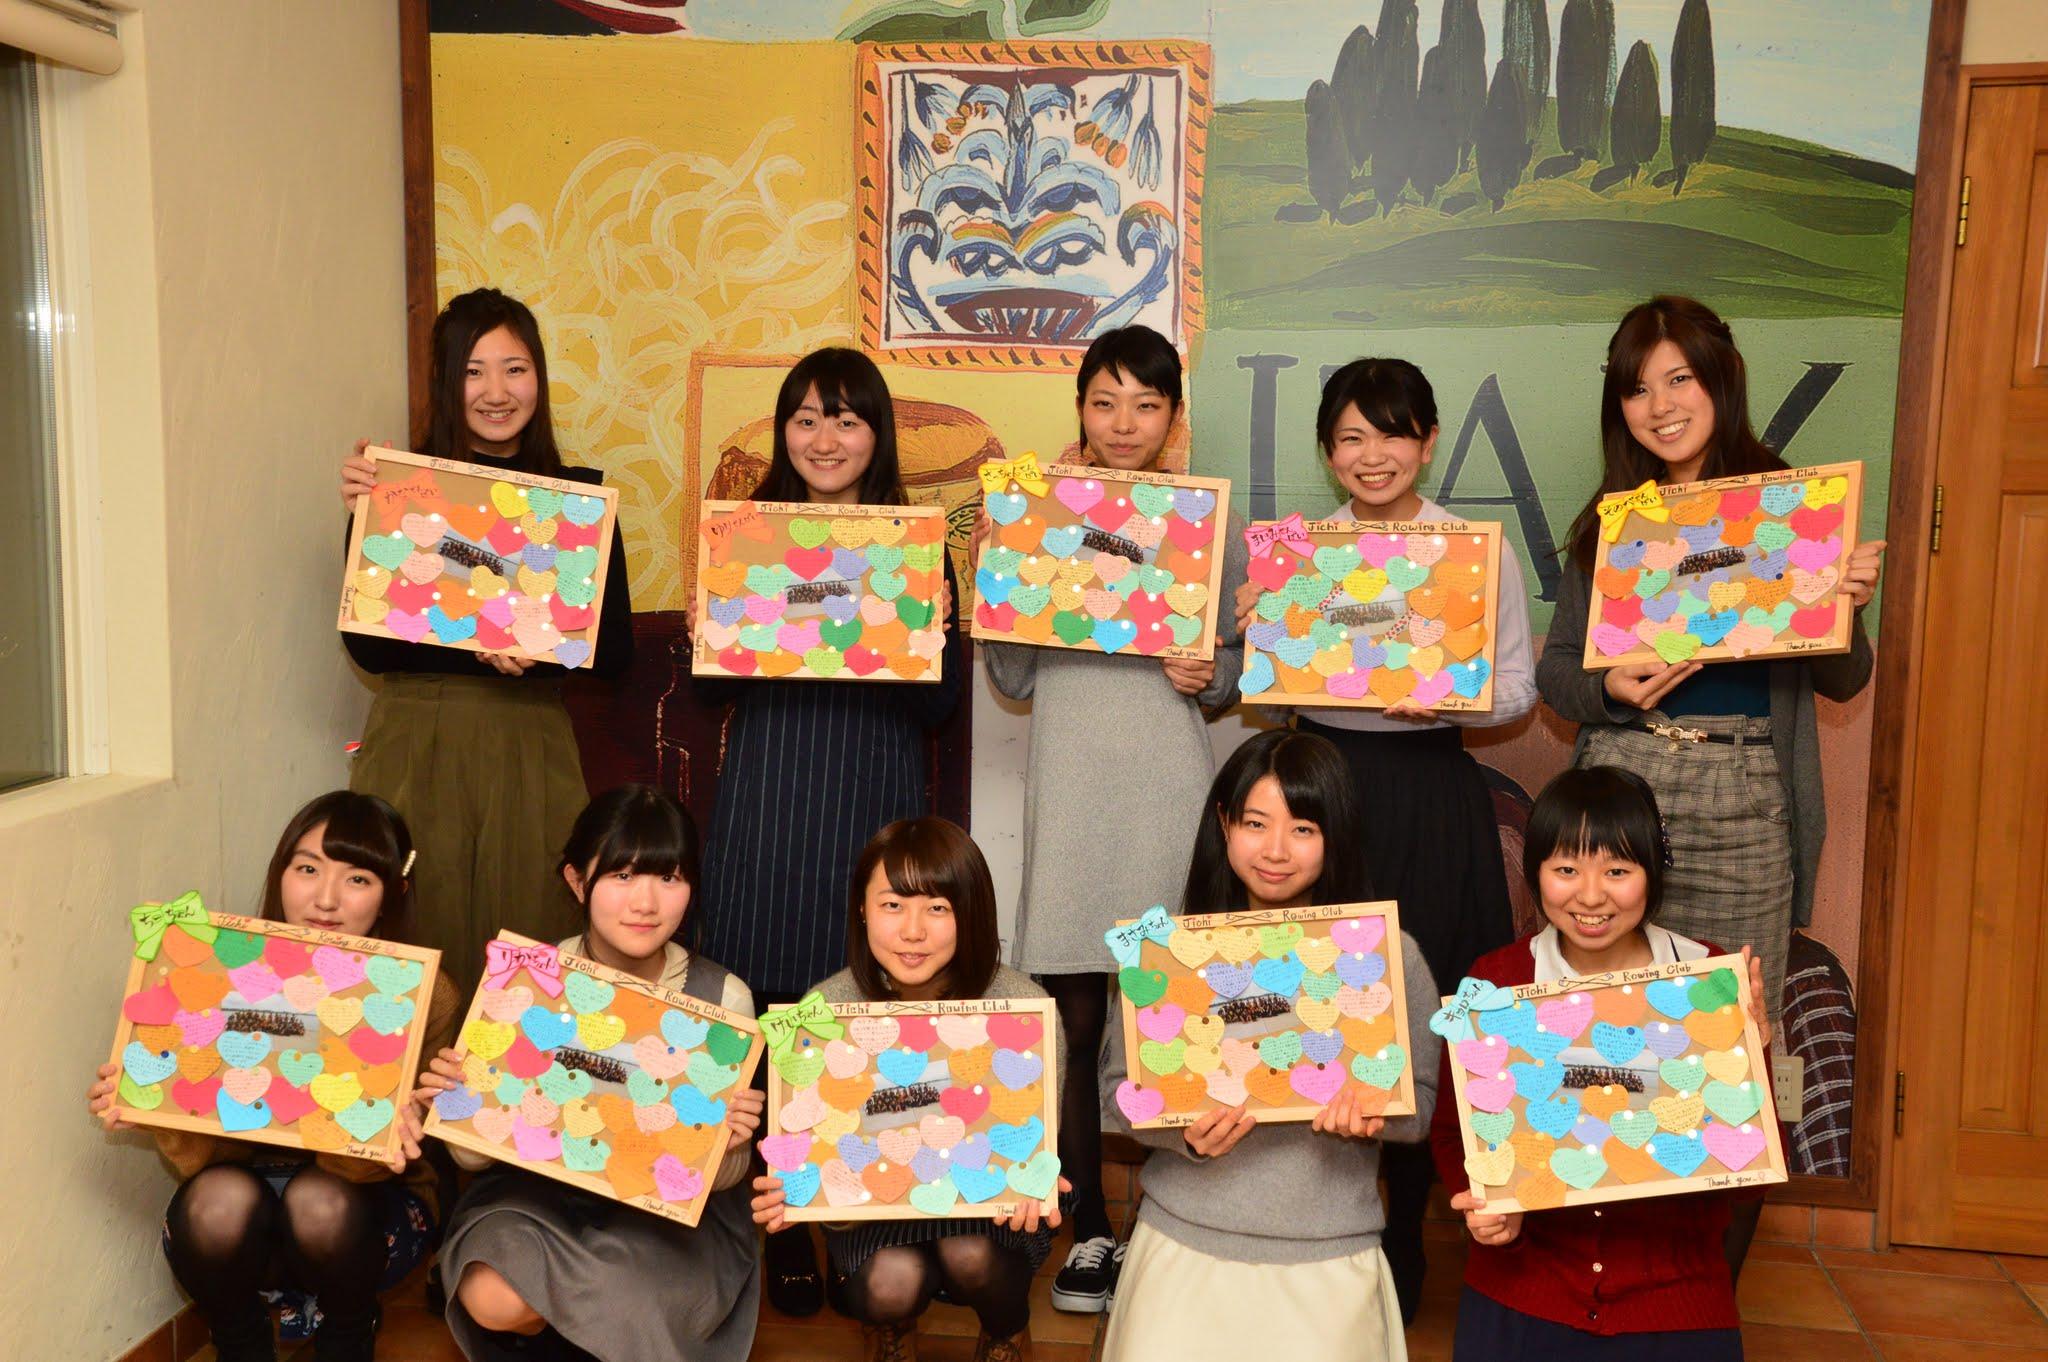 集合写真パンチラpart52 [転載禁止]©bbspink.comYouTube動画>5本 ->画像>907枚